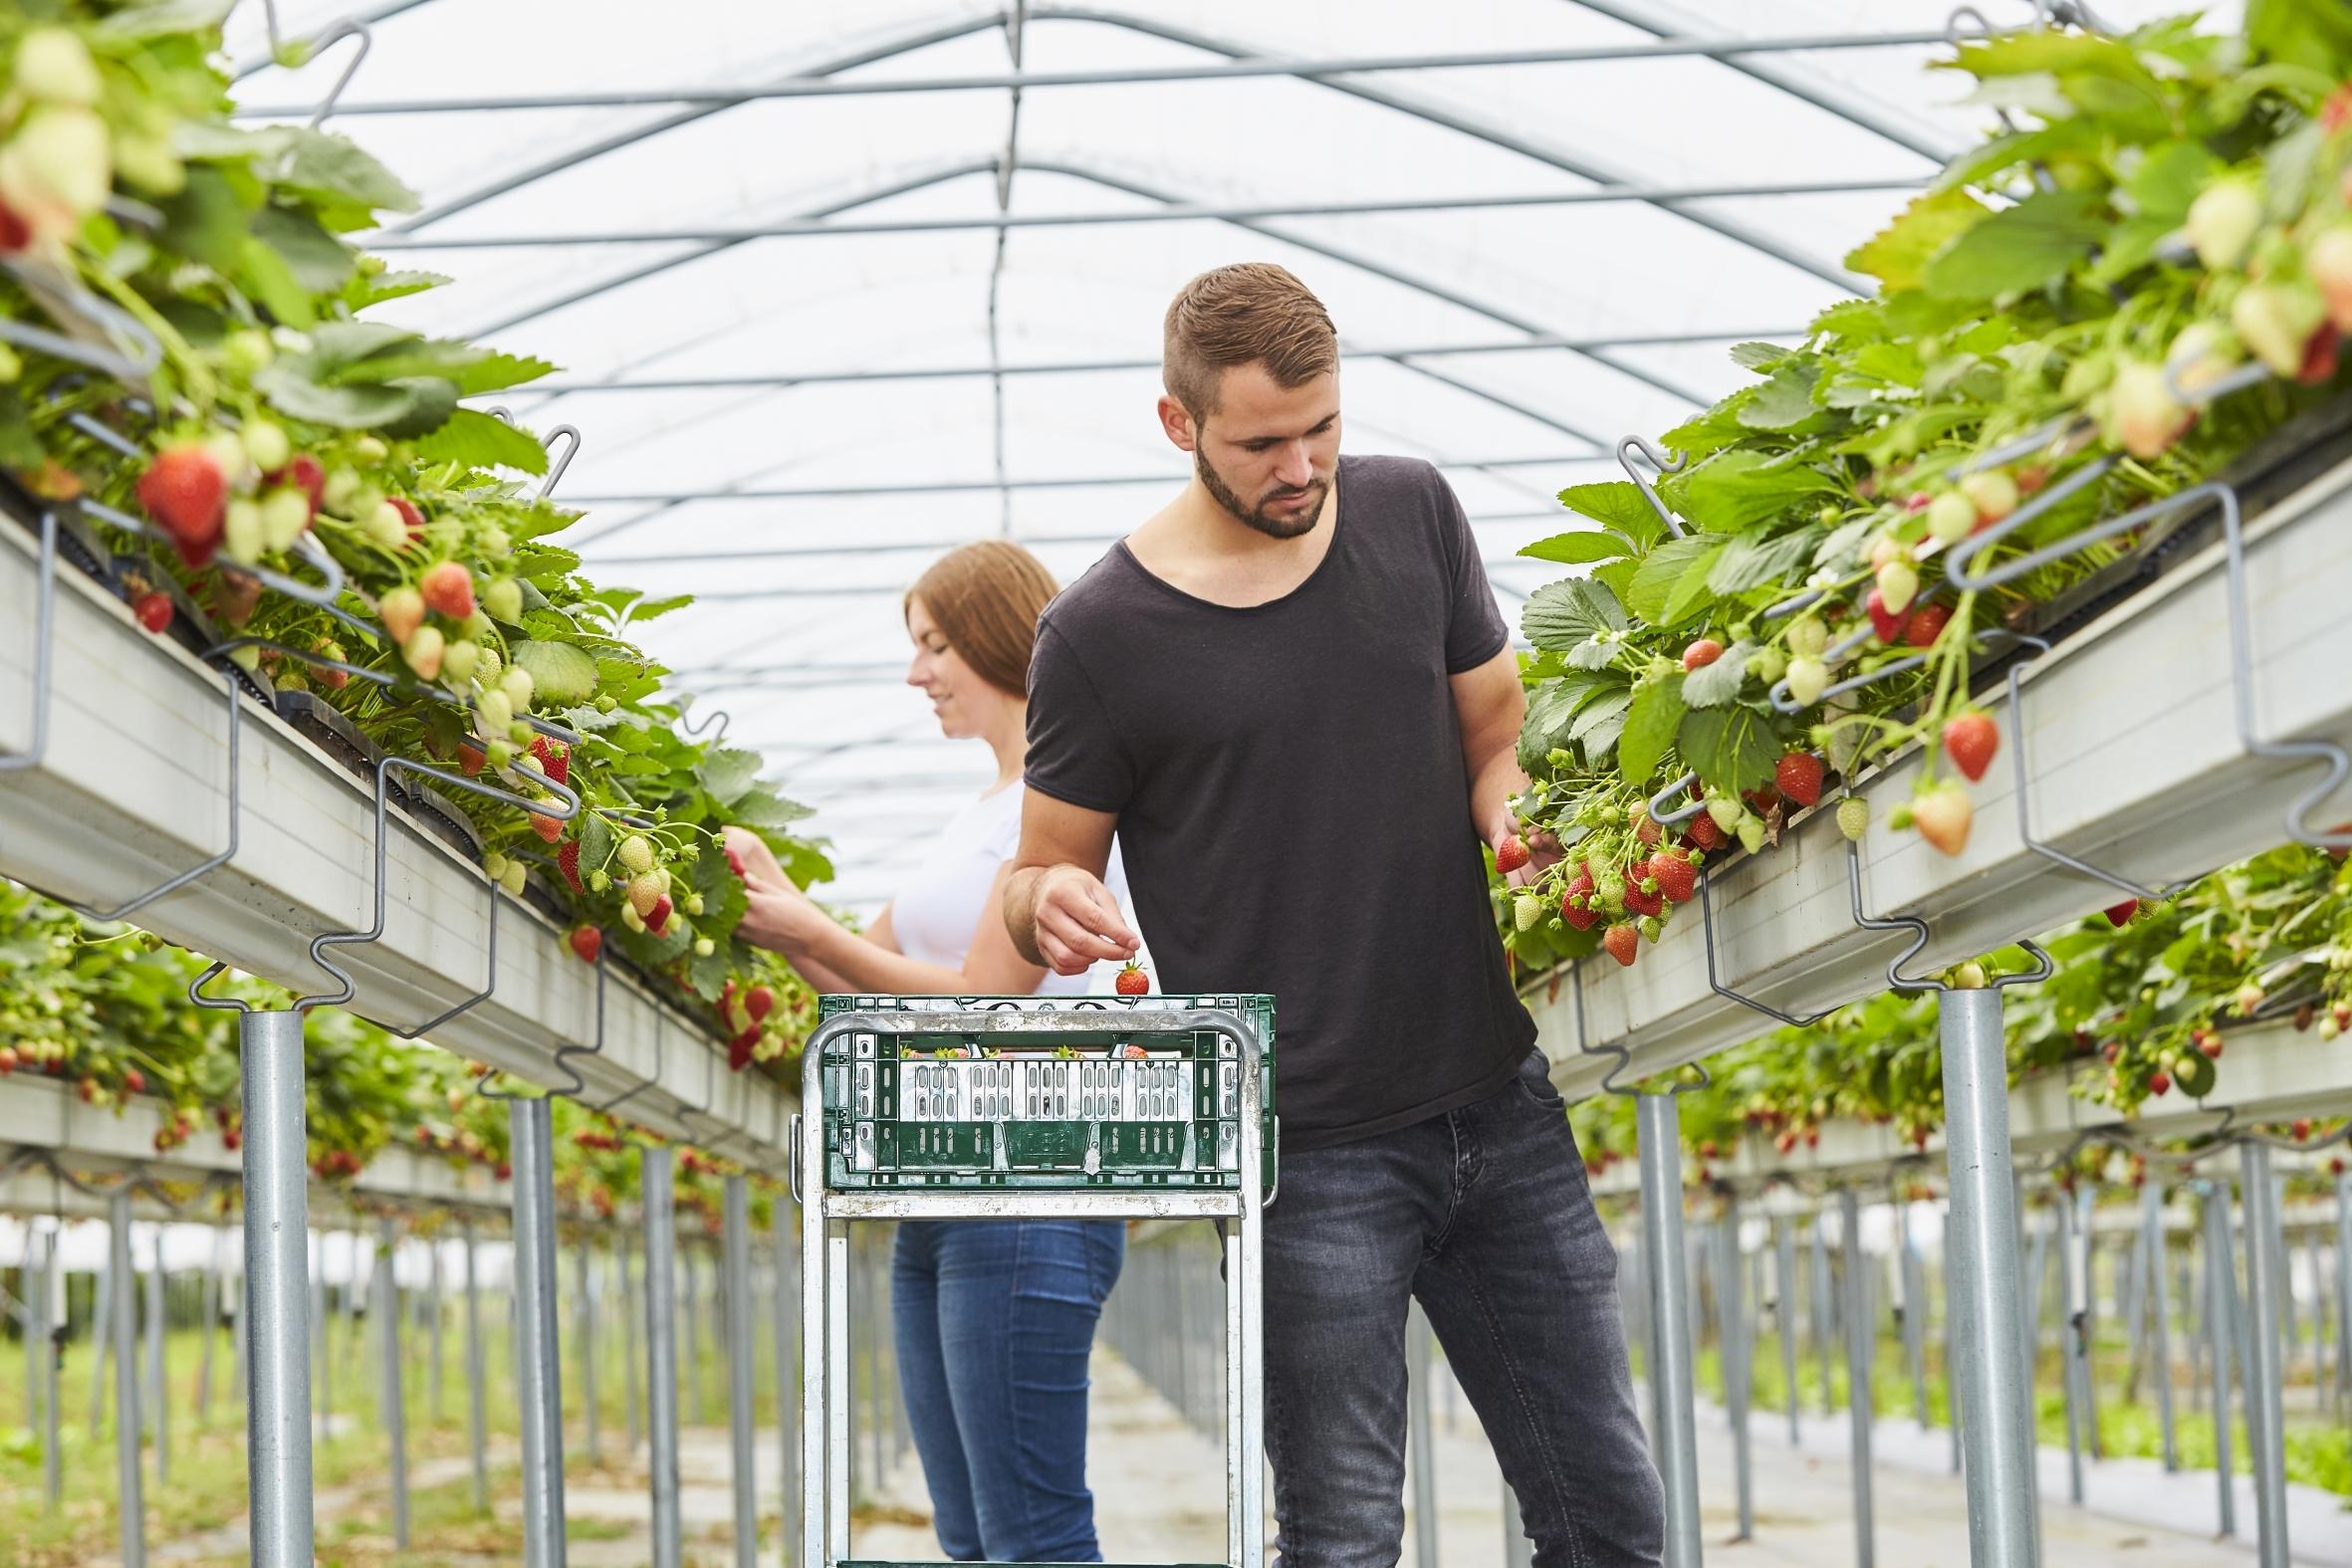 Süße Früchte aus handlicher Höhe: Erdbeer-Anbau in Pflanzrinnen erleichtert die Ernte